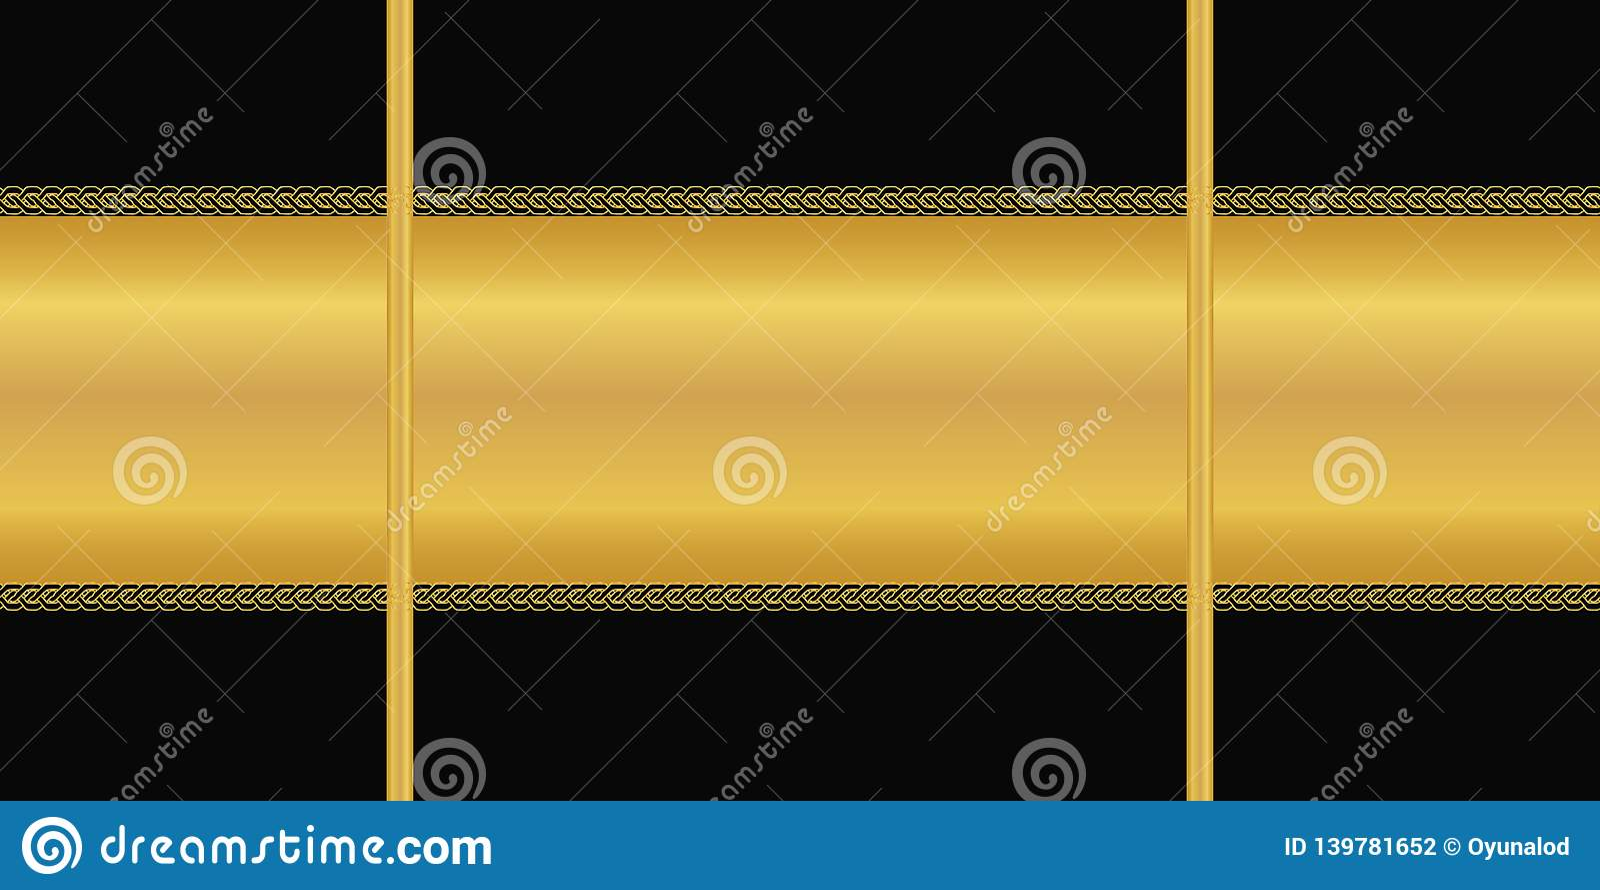 Seamless vektor för modell Horisontalguld- band, art décoprydnad på svart bakgrund Tapet inpackningspapper, textiltryck